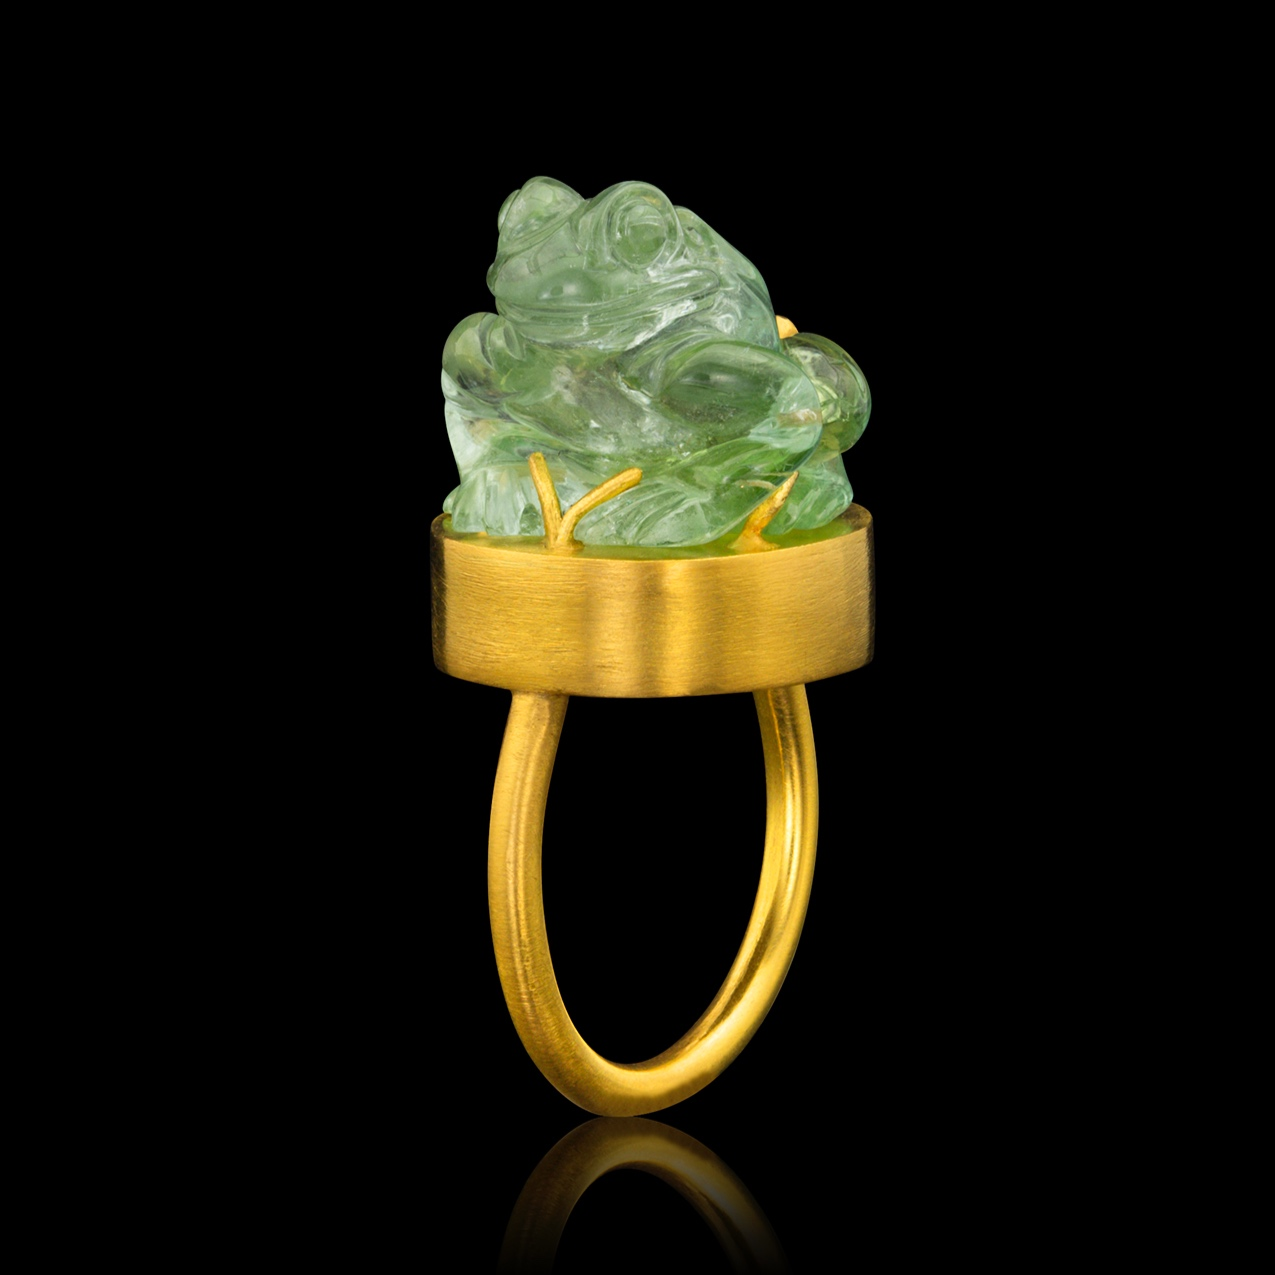 AMULET RING: HEKET 22k yellow gold, Tourmaline